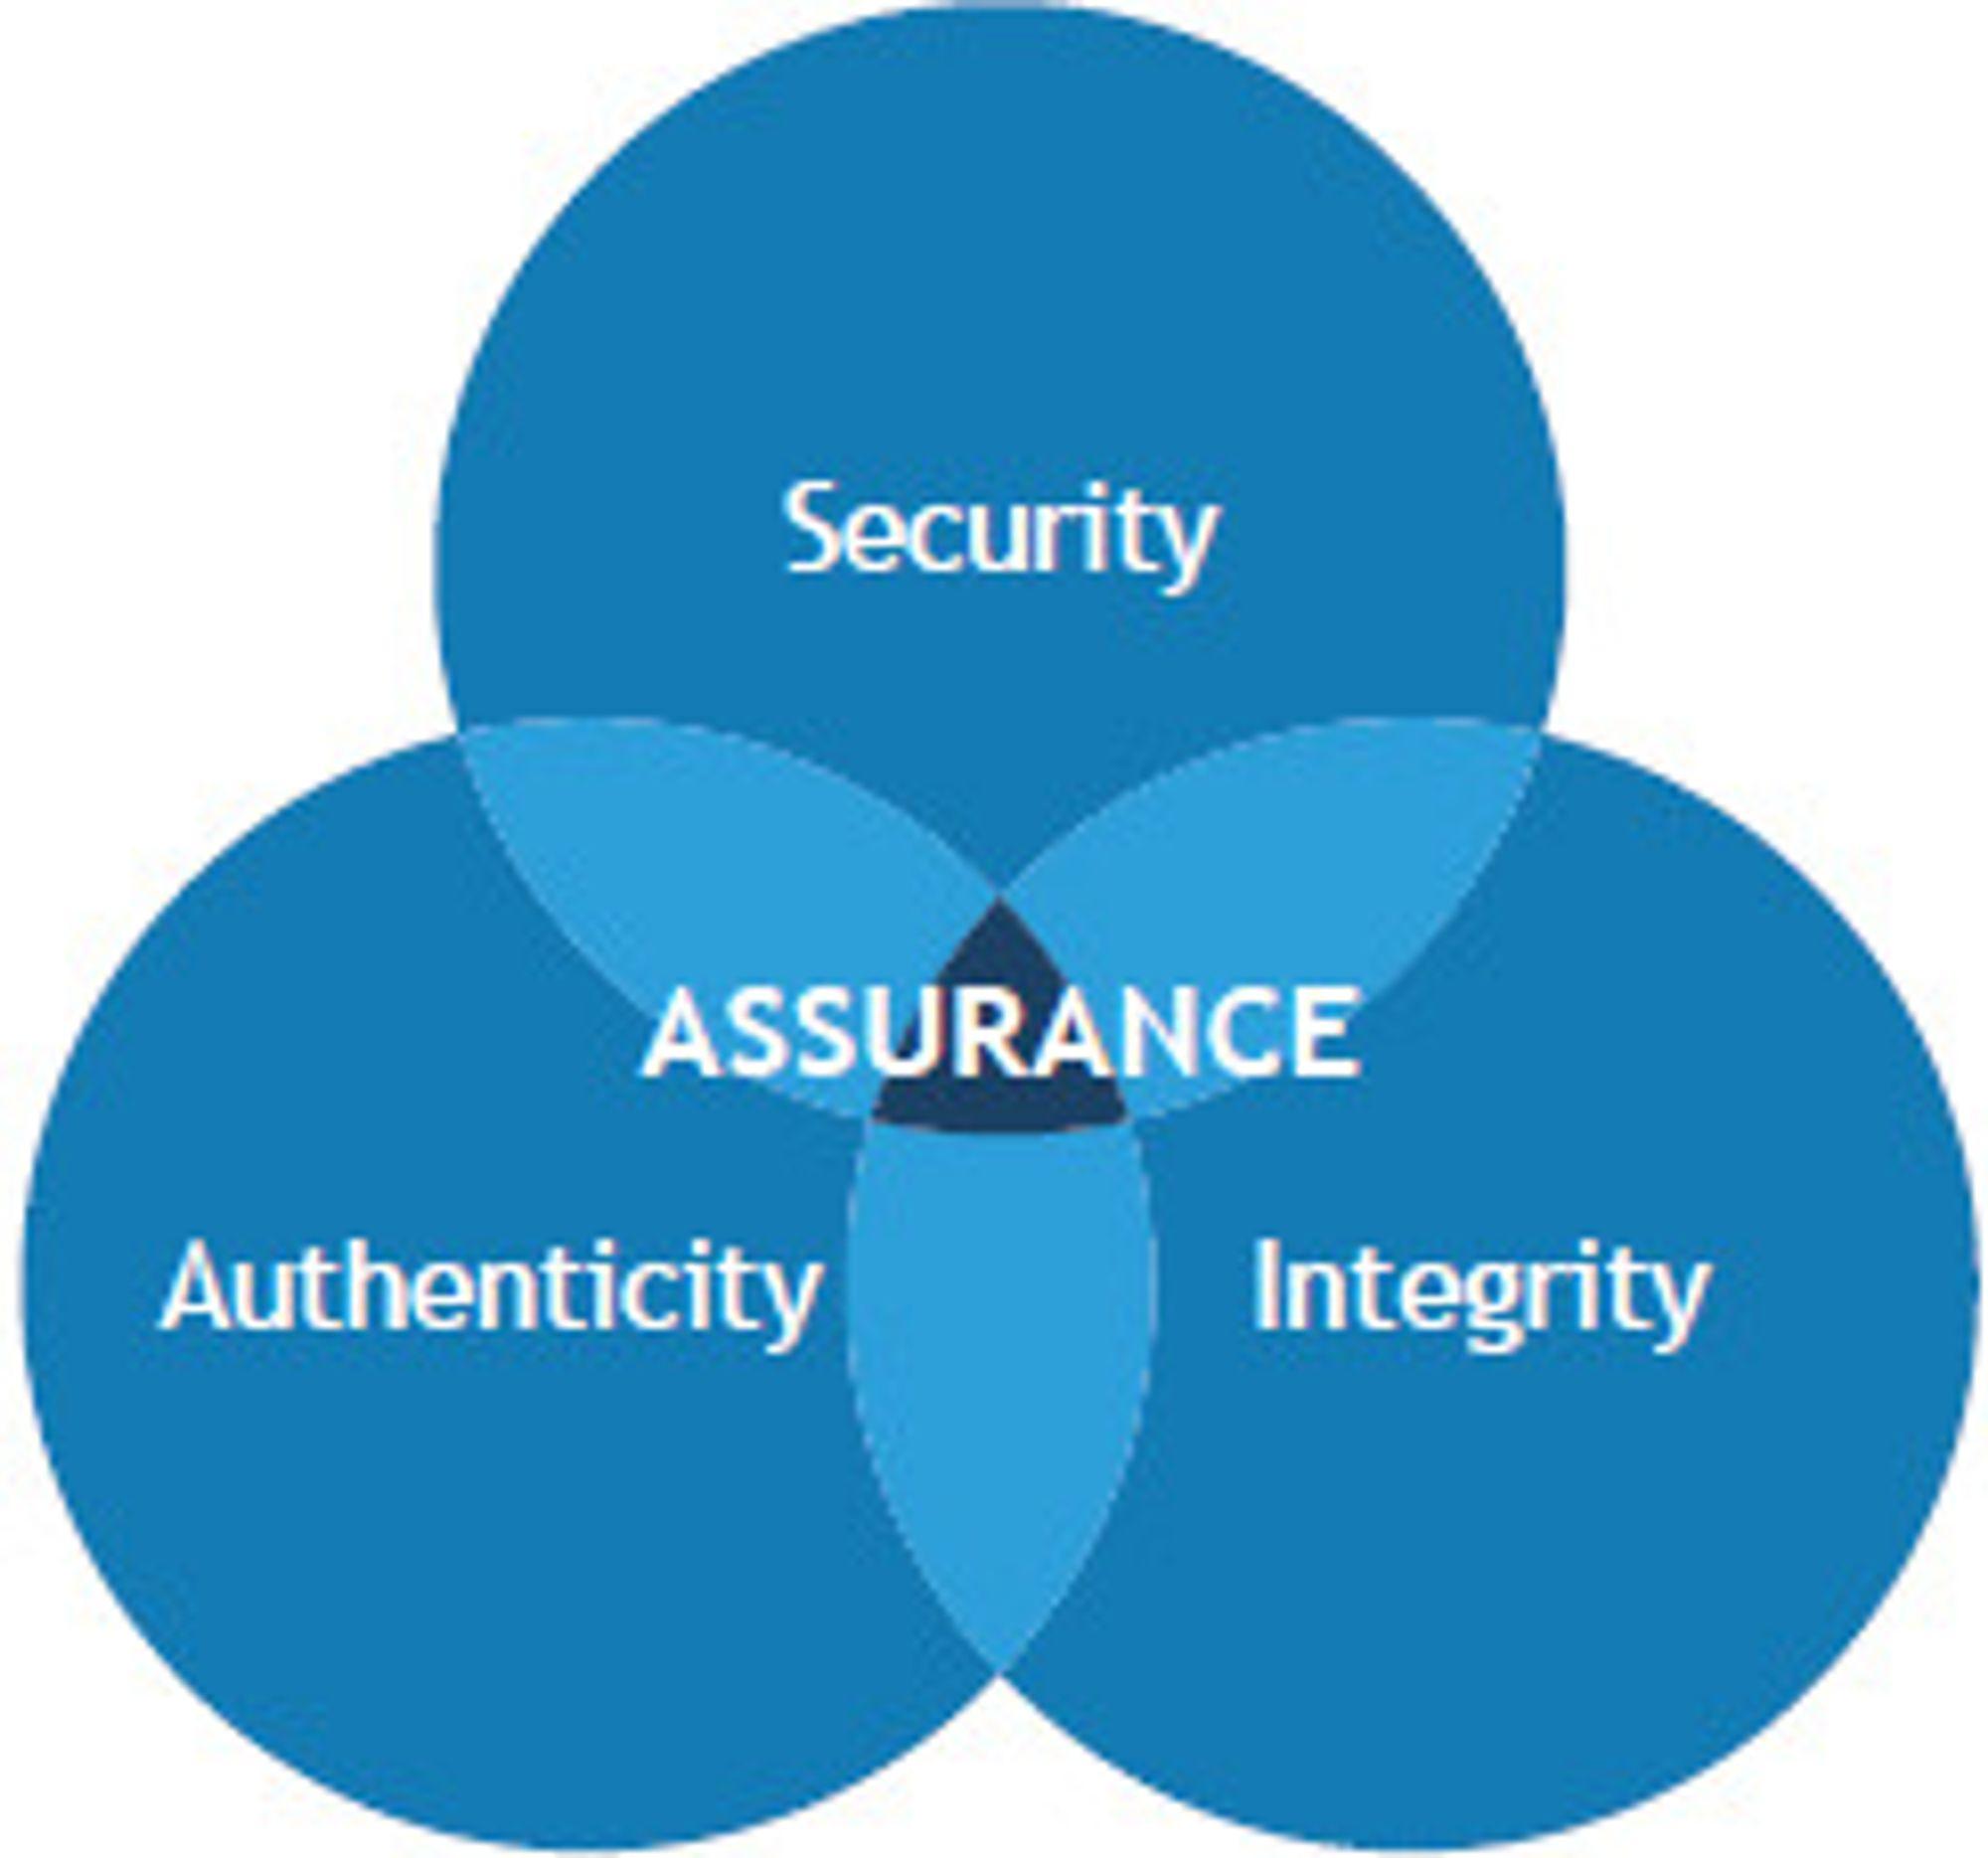 Tre faktorer bidrar til trygg programvare: sikkerhet, autentisitet og integritet.